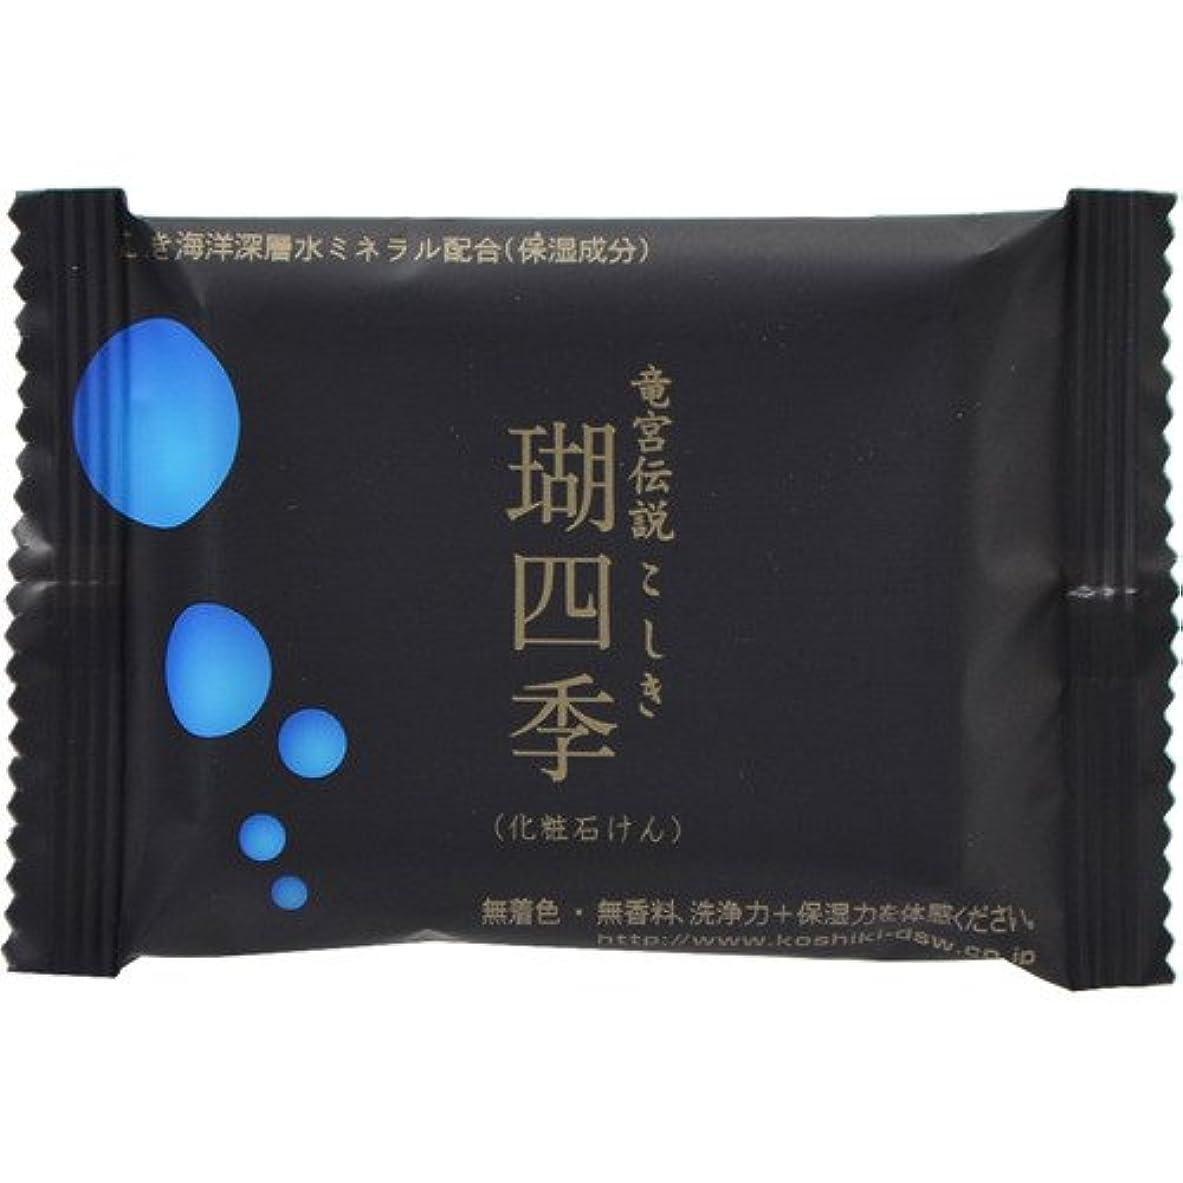 火未知の甘い瑚四季 化粧石鹸 30g